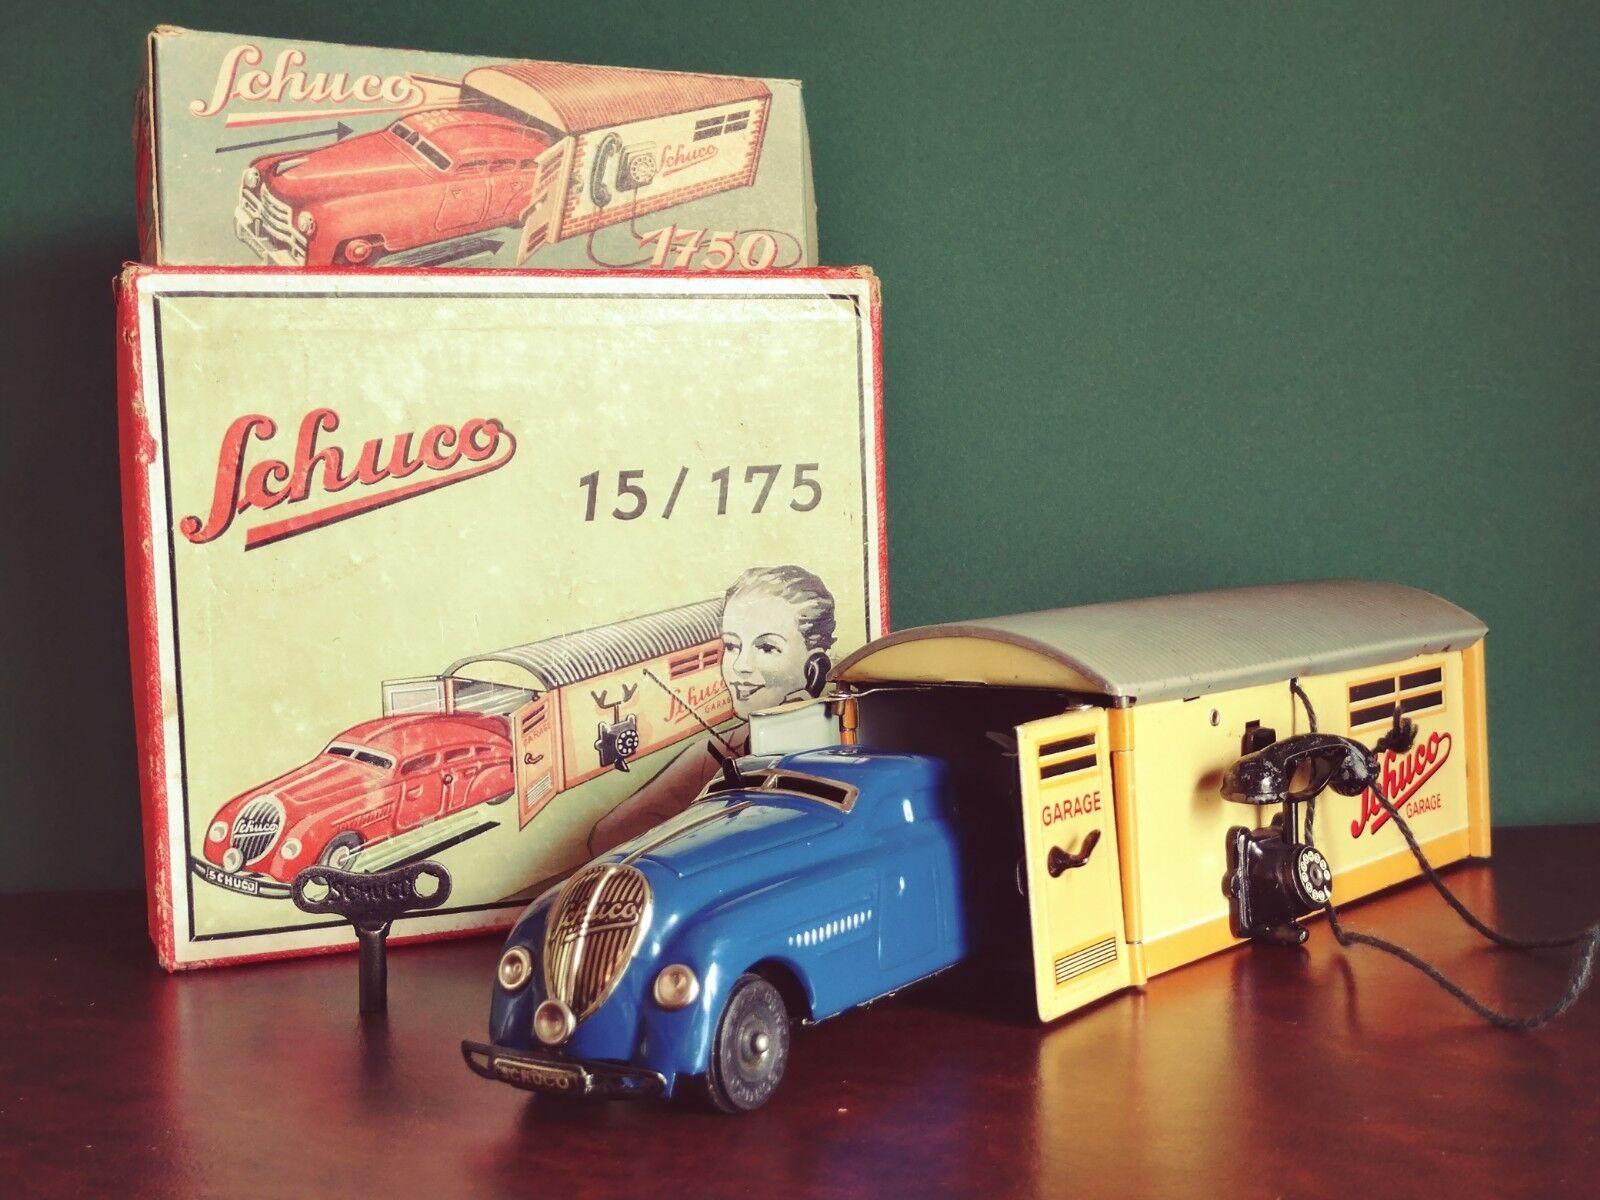 Raro década de 1930 Schuco 15 175 Juego De Estaño Wind-up 1750 Limusina & con garaje o caja.